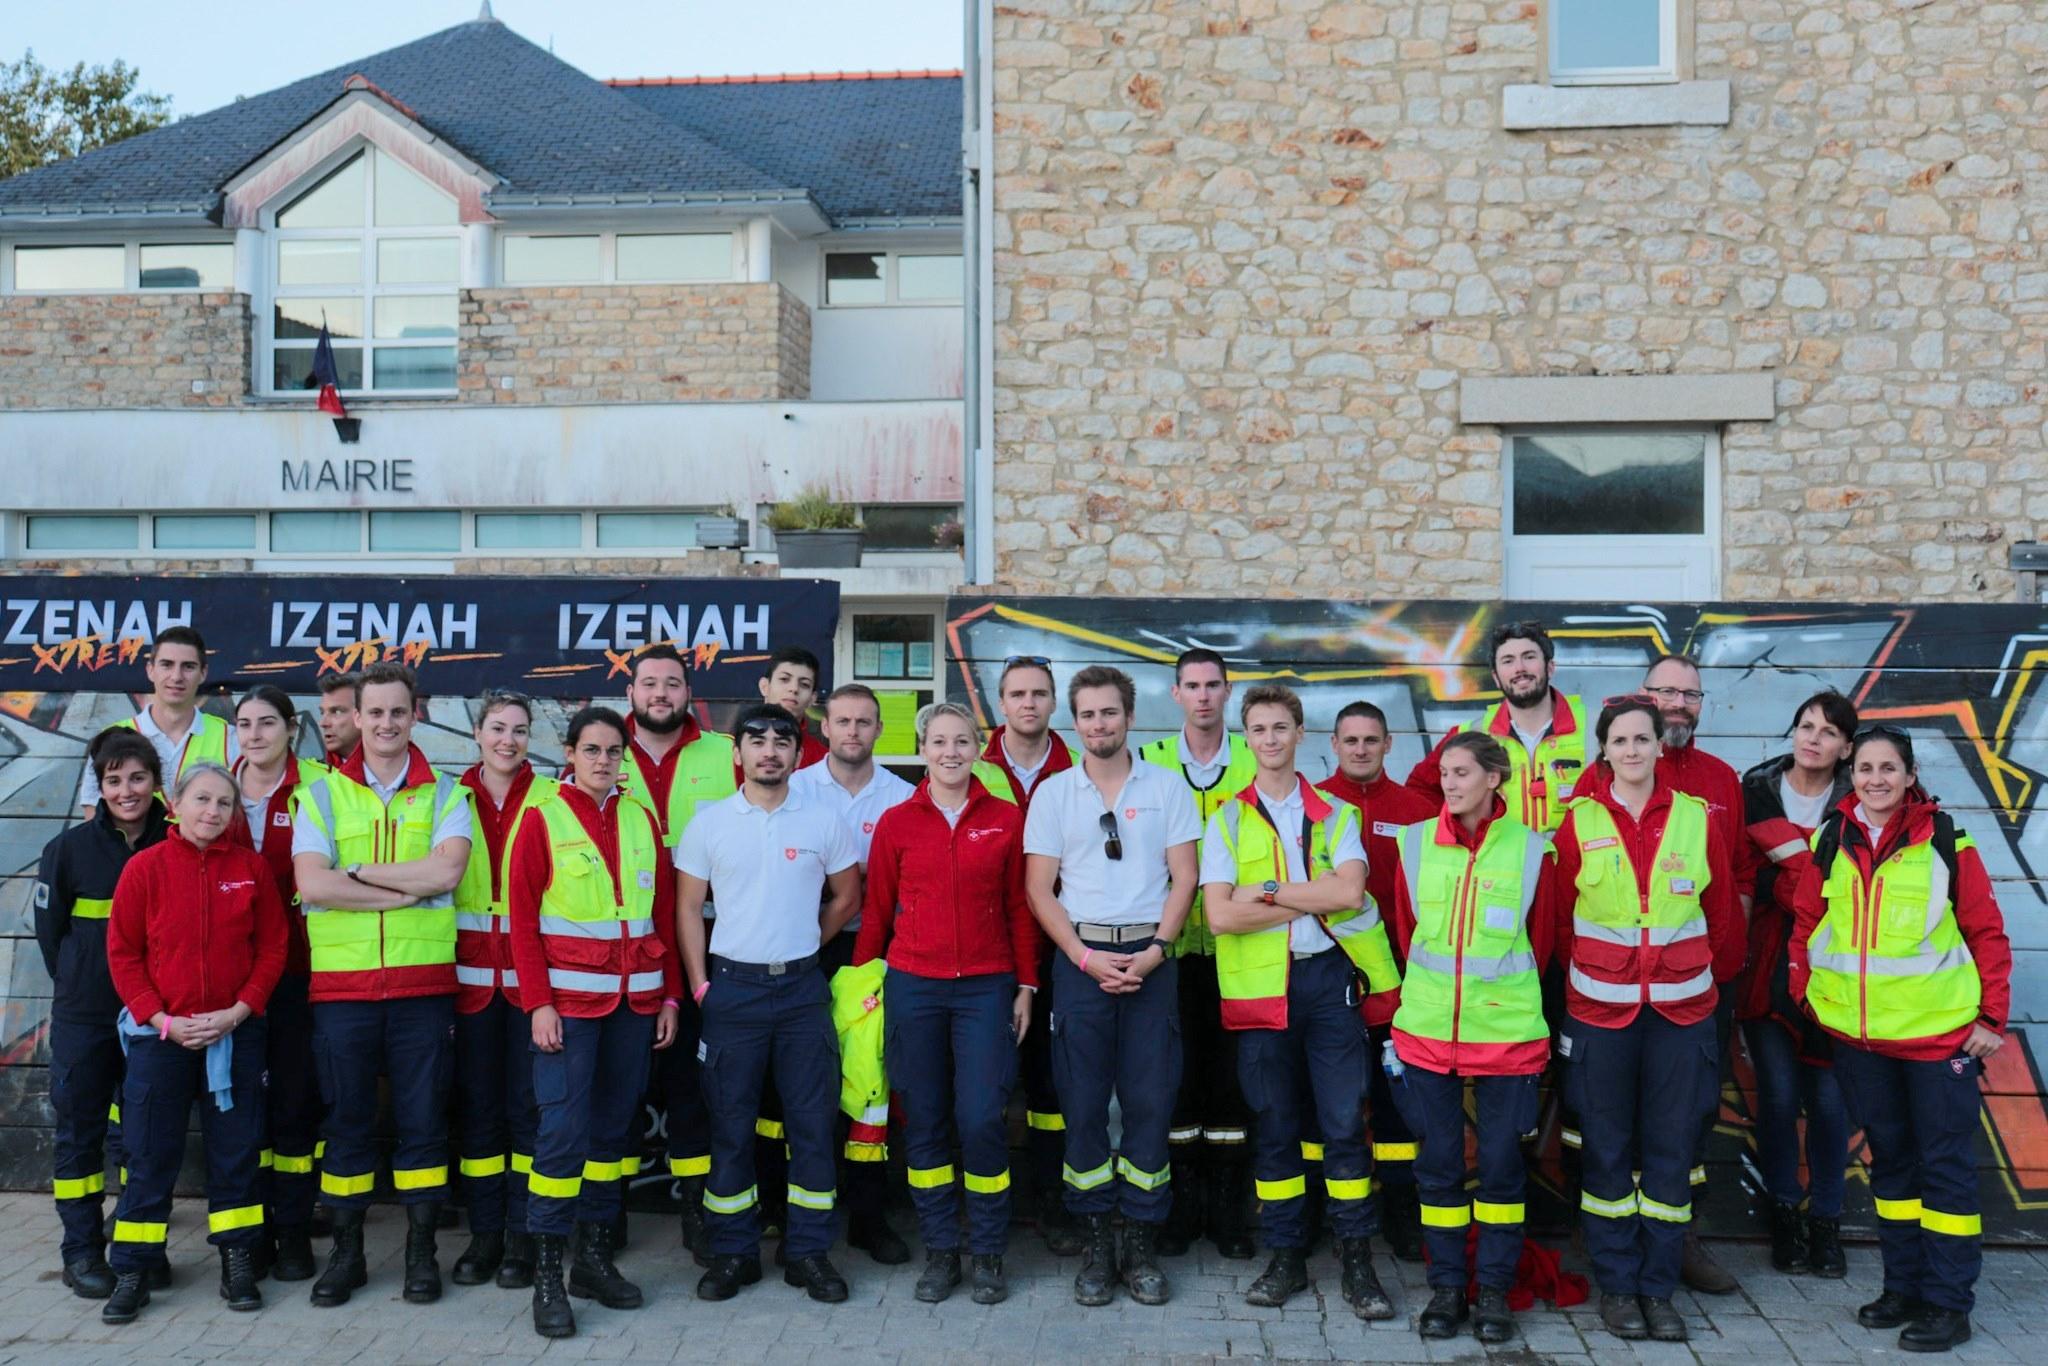 Les secouristes présents sur le poste de secours Izenah Xtrem à l'Ile aux moines